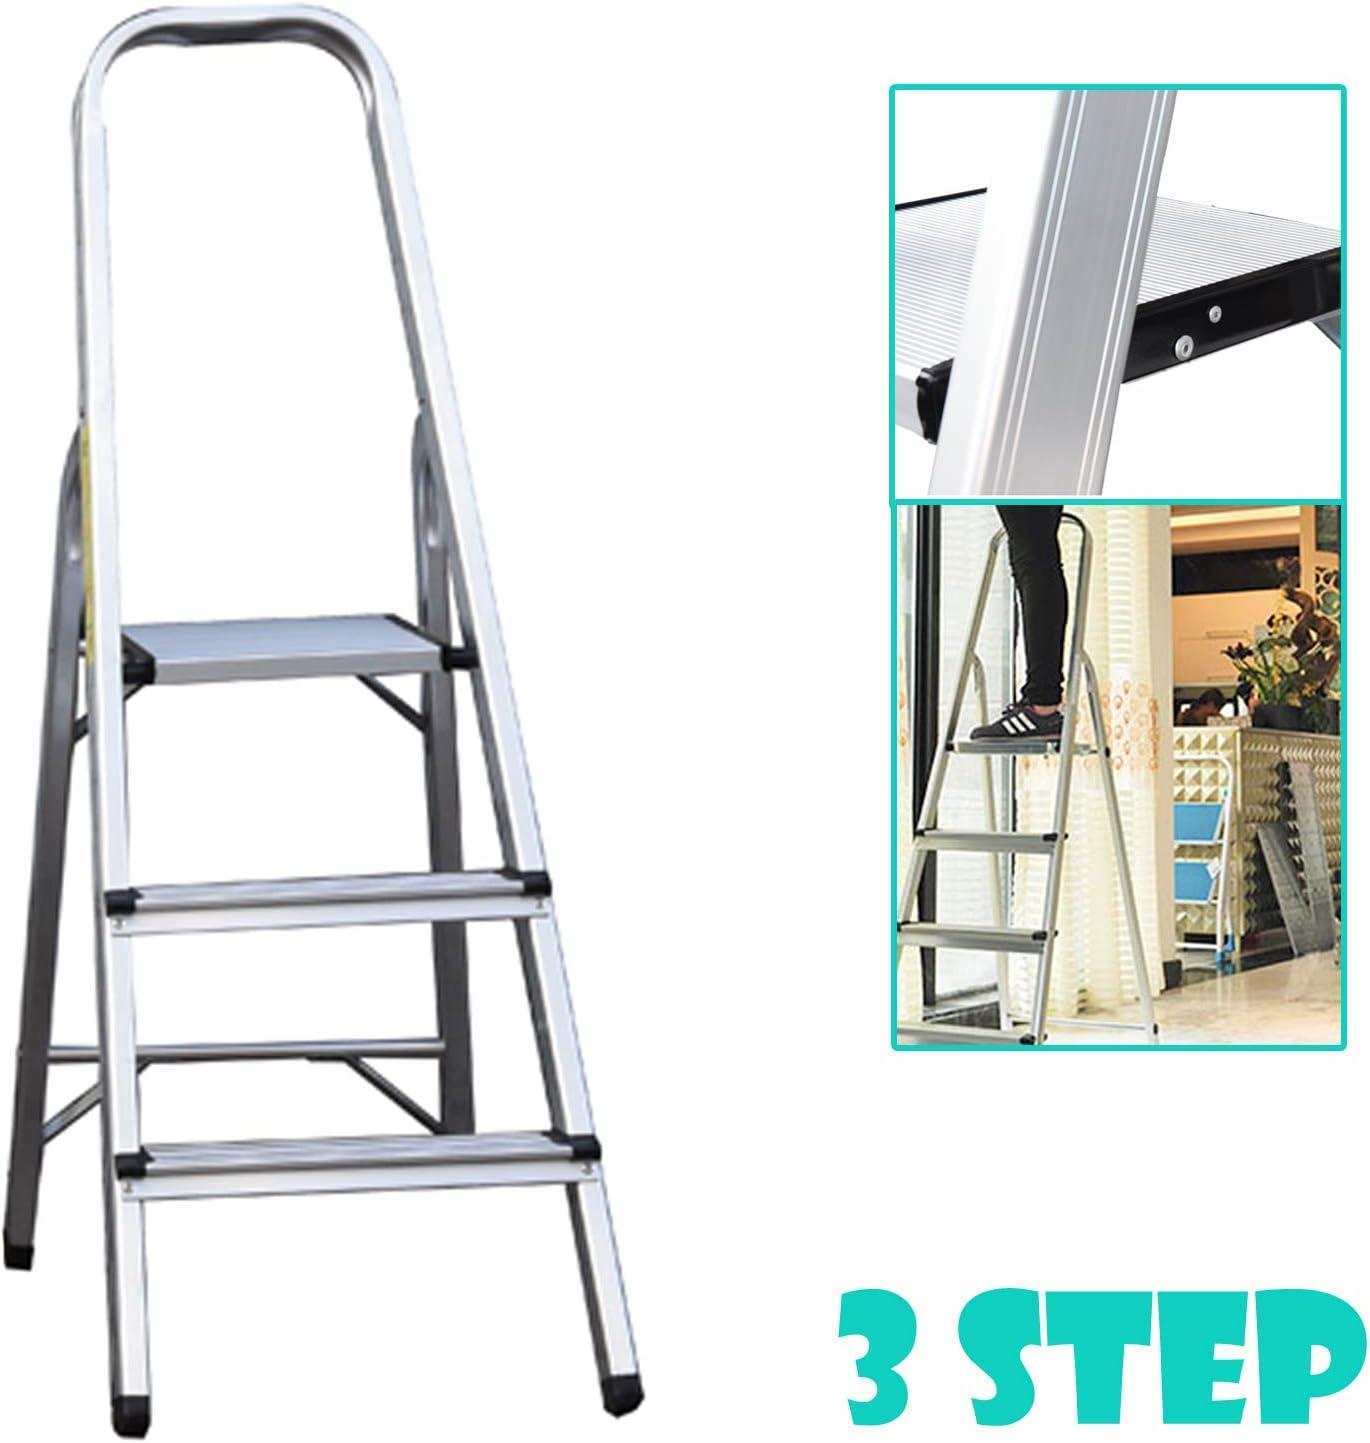 Escalera de aluminio de 3 pasos, ligera, portátil, de seguridad, antideslizante, con peldaños plegables, soporta hasta 150 kg: Amazon.es: Bricolaje y herramientas